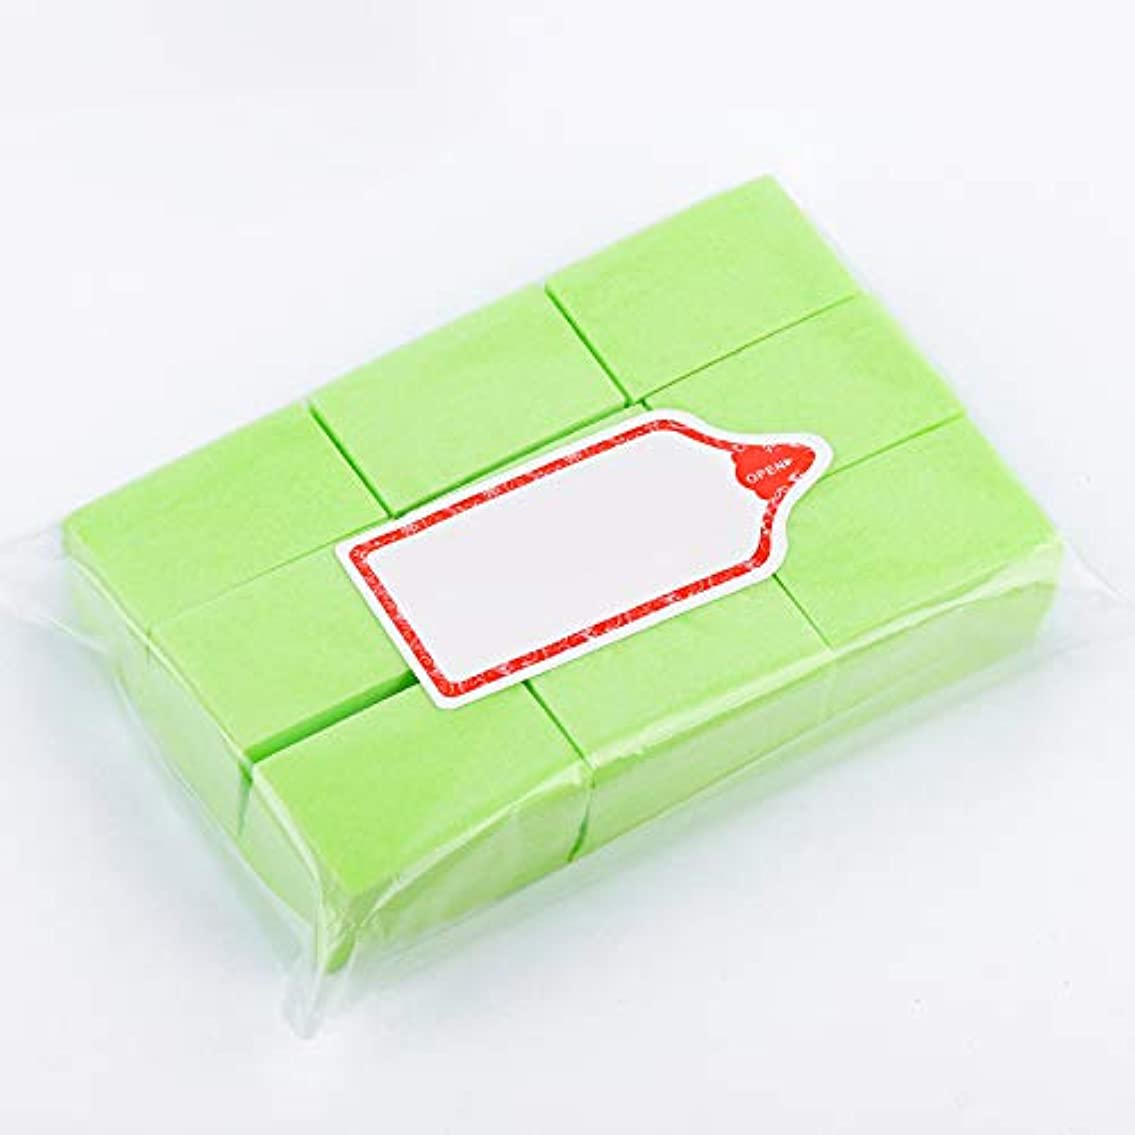 スリム宣言透明にLWBTOSEE ネイルワイプ コットンパッド 綿繊維 クリーニングパッド リムーバーワイプ 柔らかい 安全無毒 600枚入 全4色 (緑)